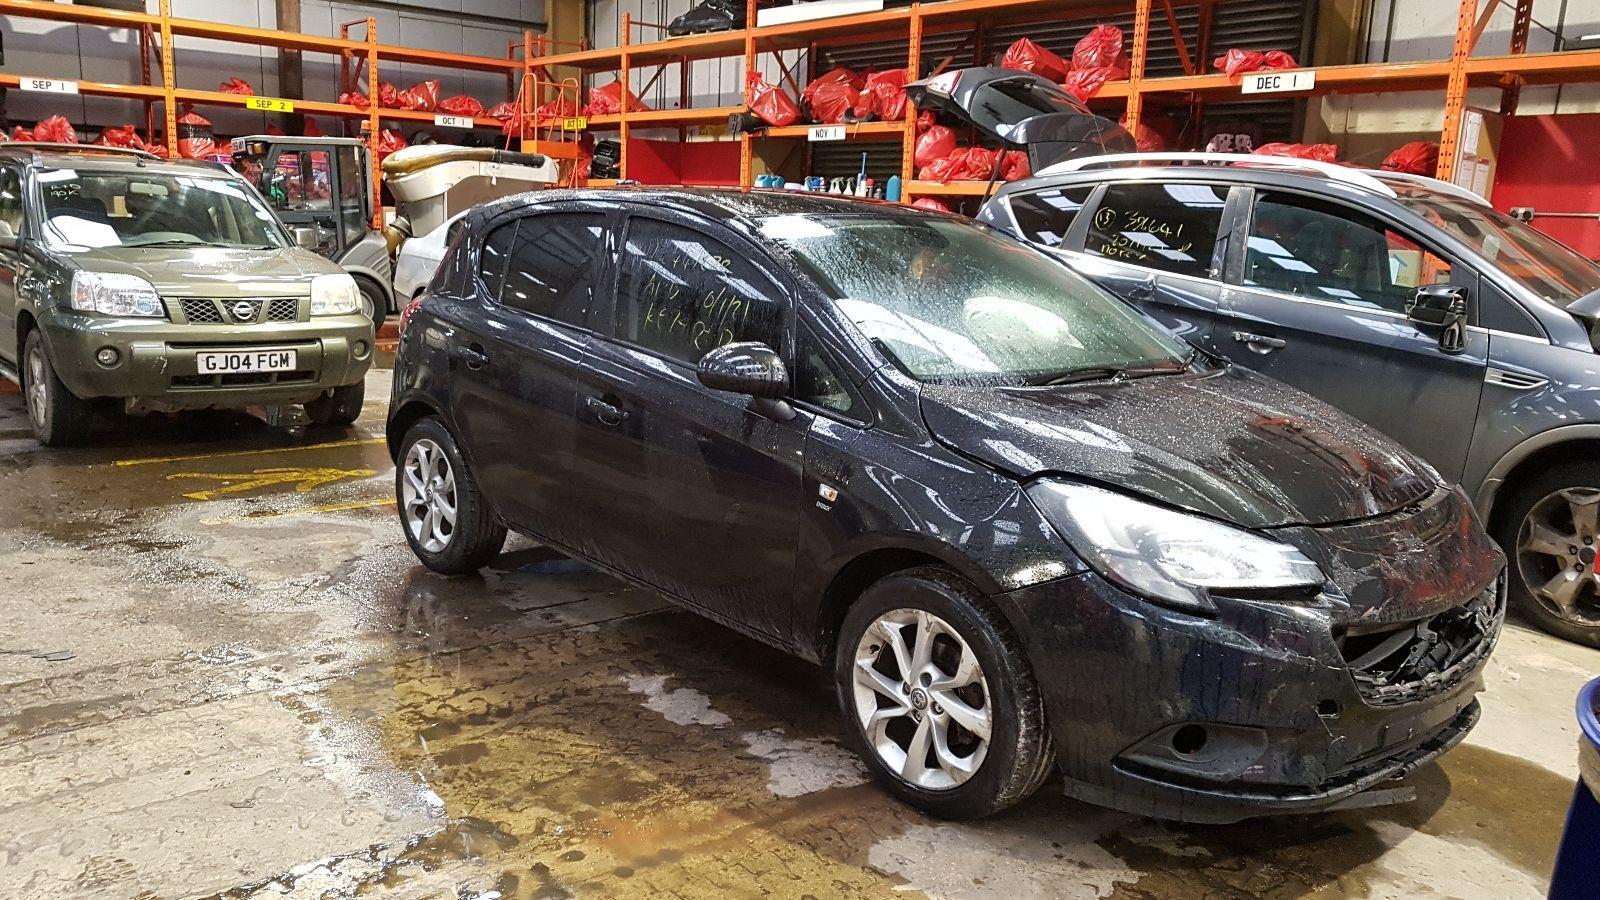 Image for a Vauxhall Corsa 2017 5 Door Hatchback Breaking